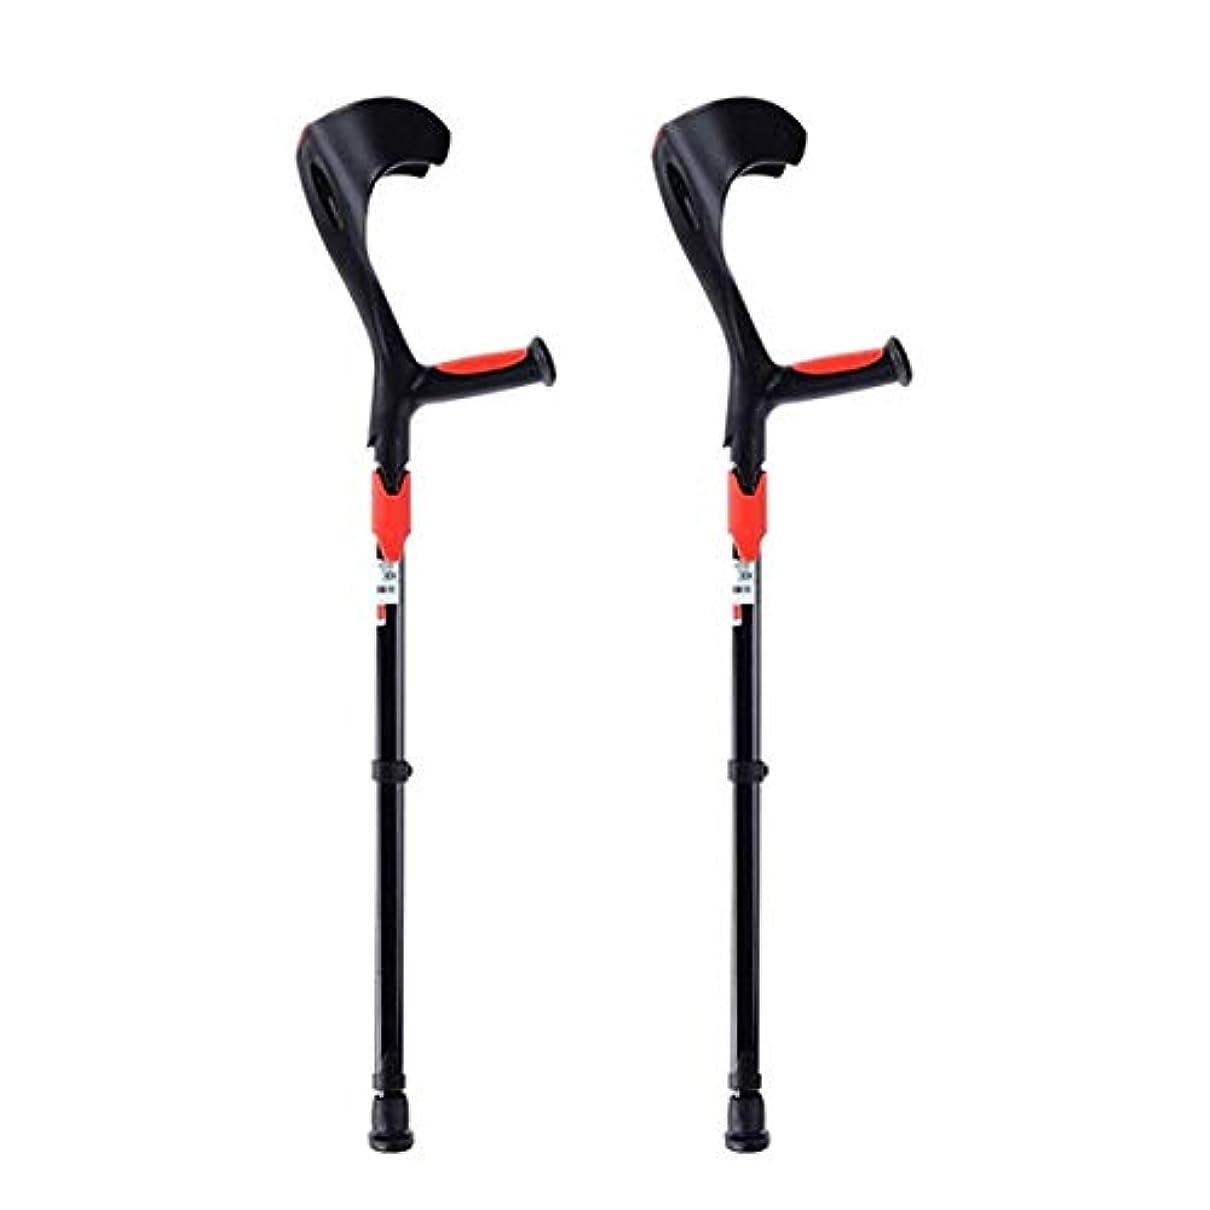 構造的リートマトオープクラッチ 杖 カフクラッチ杖 10段階調節可能ジャストフィットグリップ リハビリ 介護補助歩行 軽量 アルミ